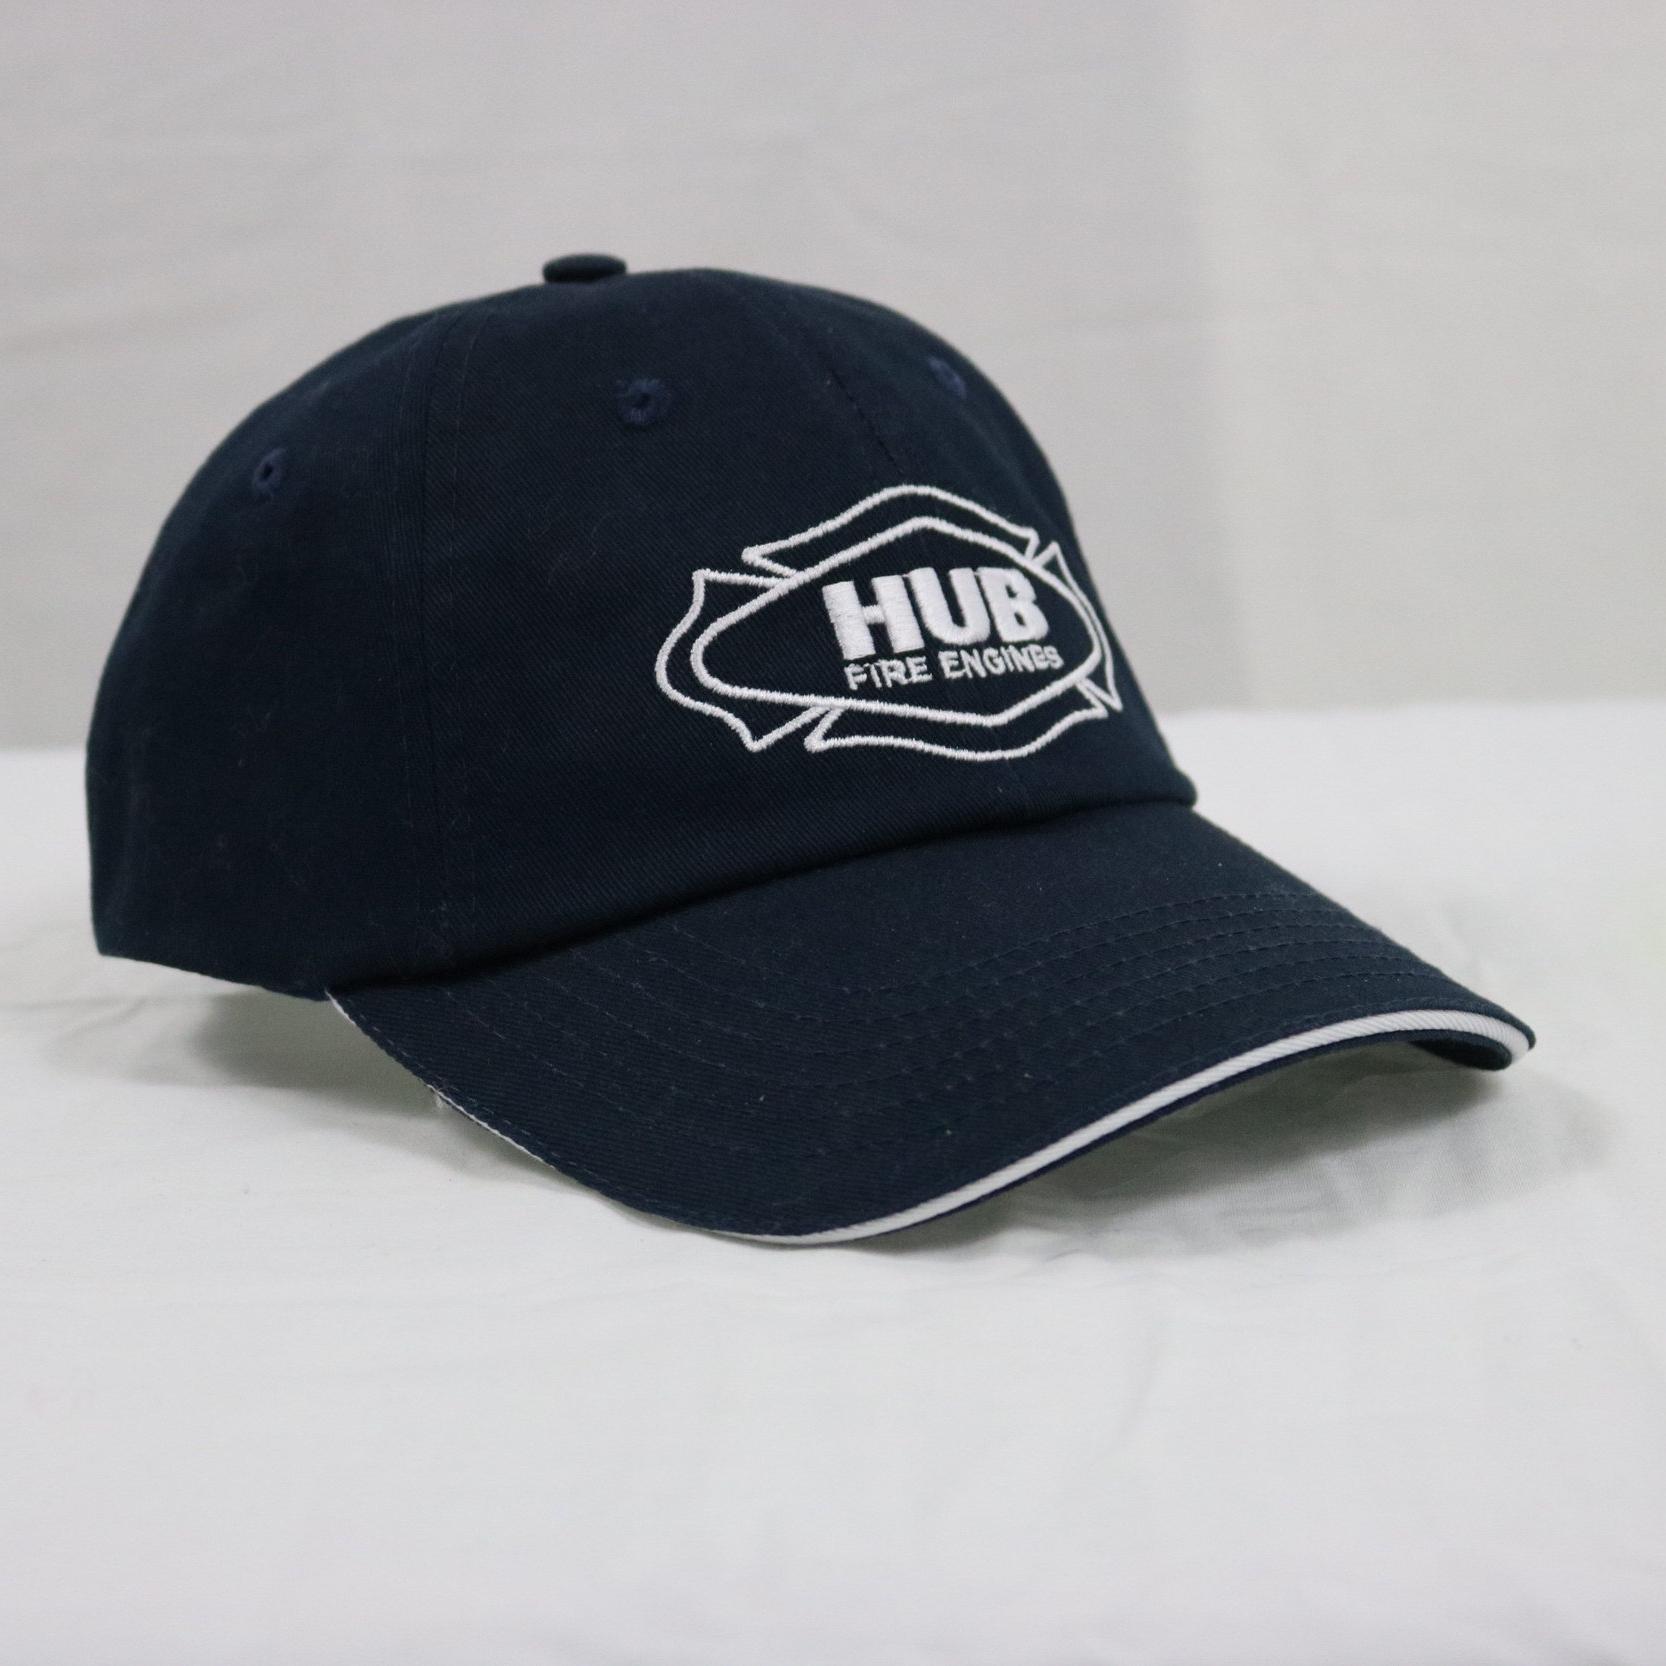 HUB Hat  |  $15